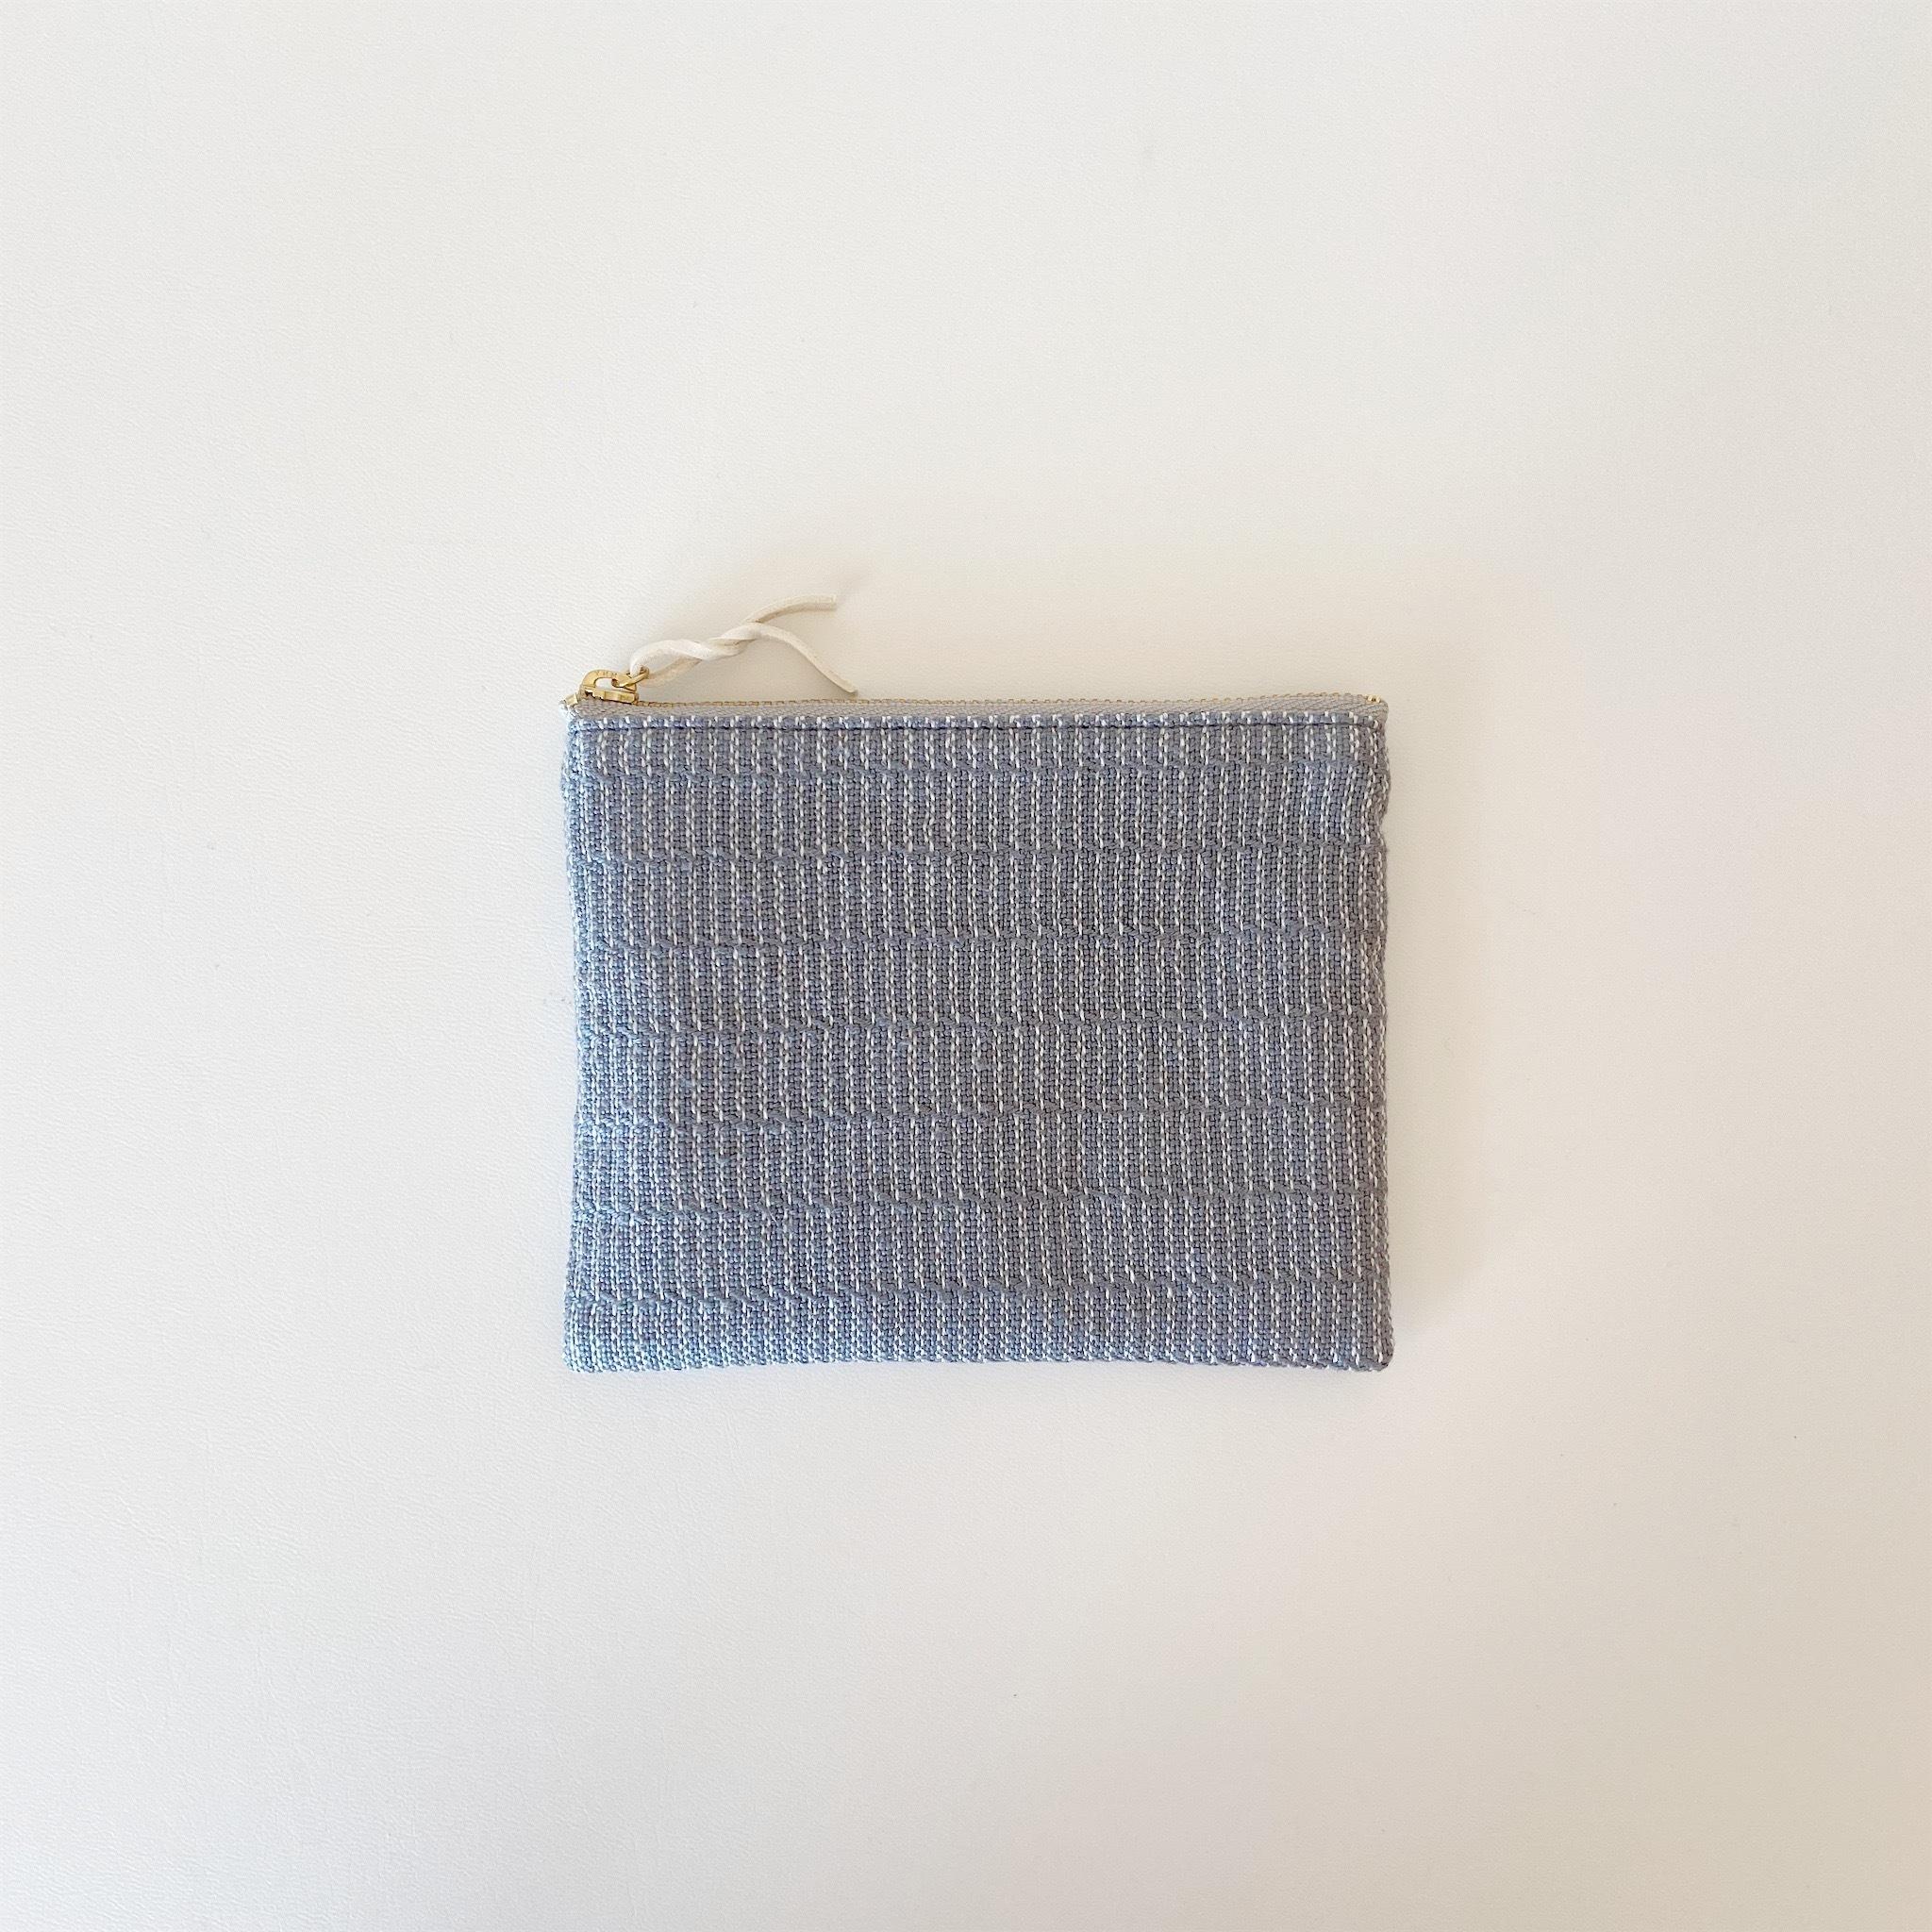 手織りミニポーチ(Accessory case 14cm Gray Alinea)